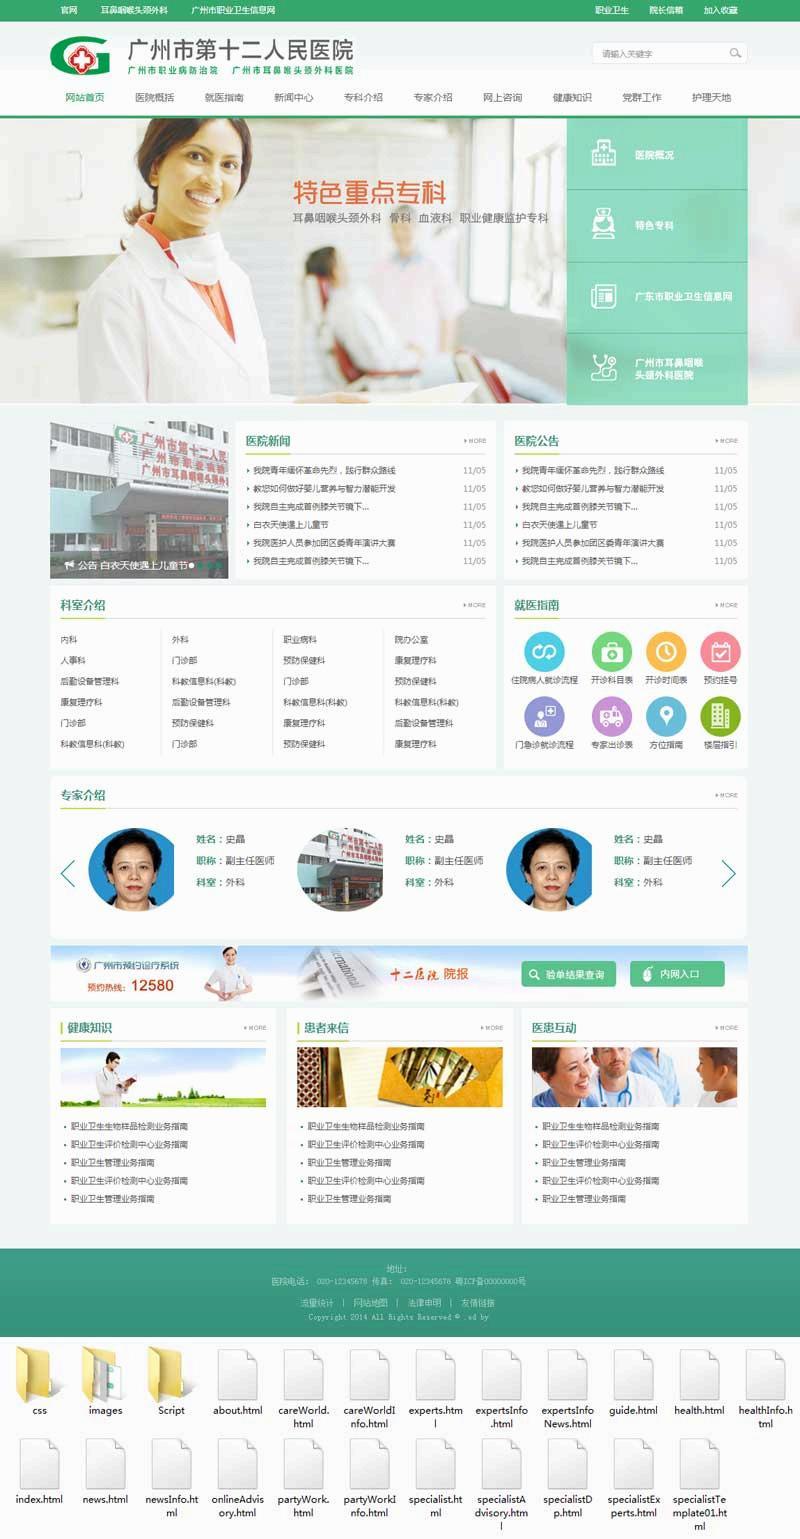 外科专科医院网站模板html整站